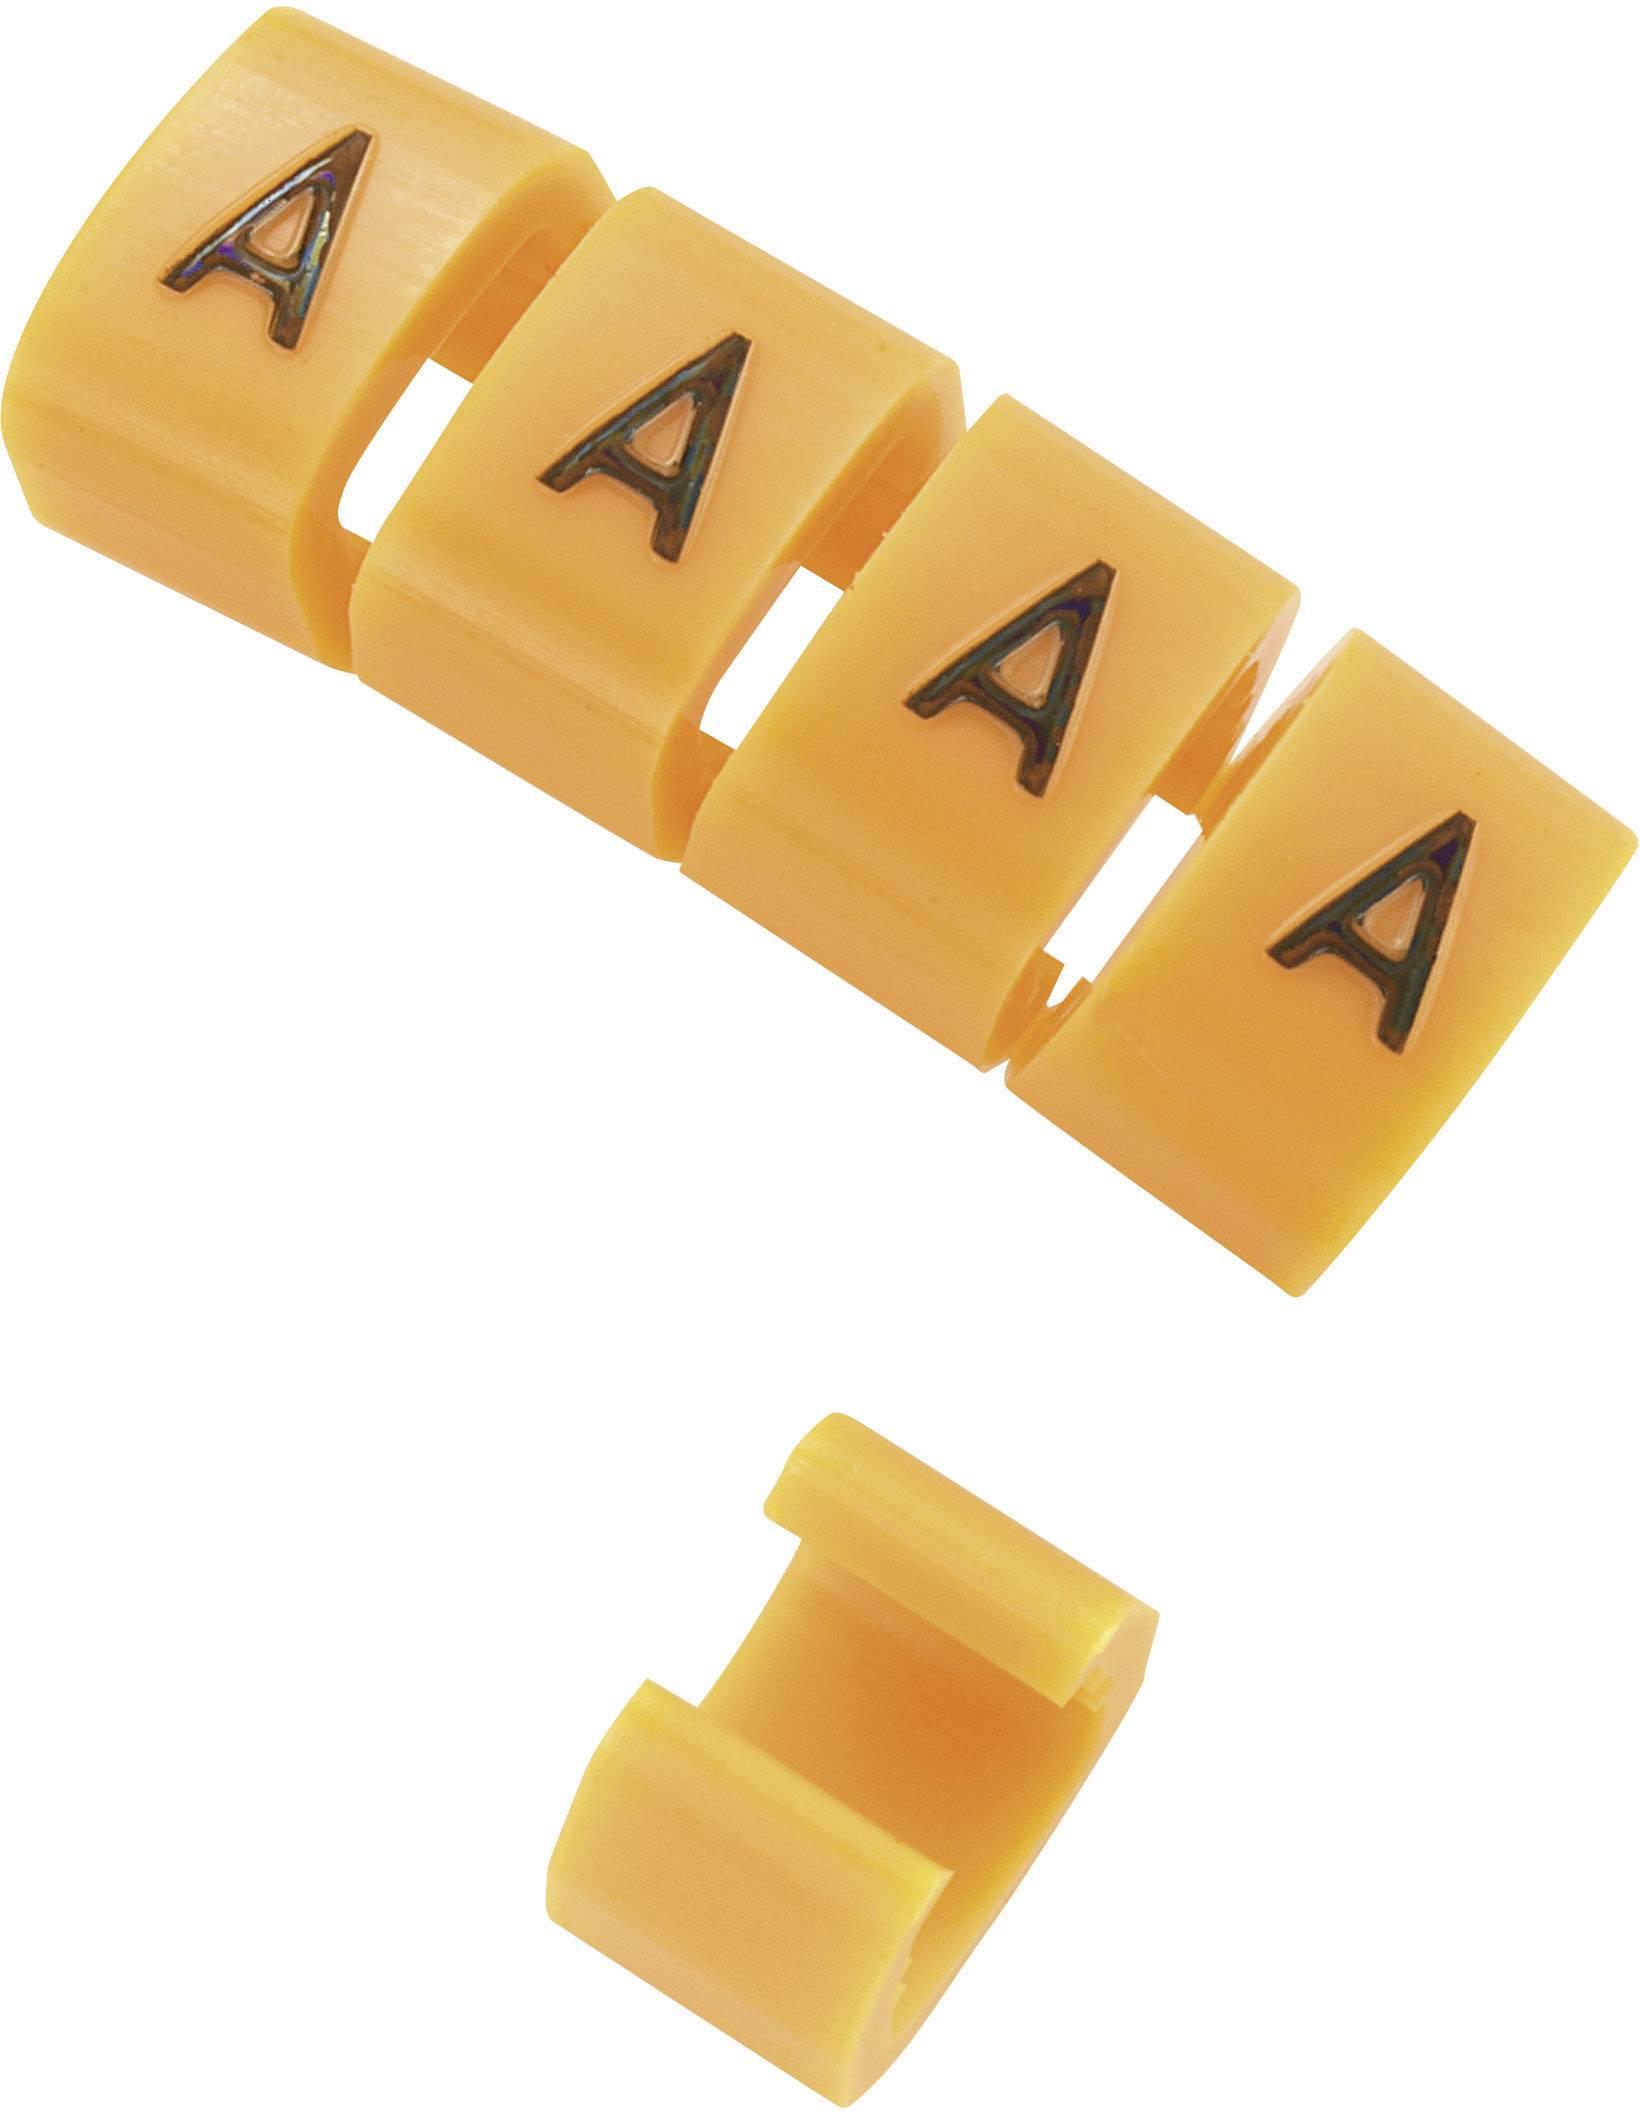 Označovacie objímka na káble KSS MB1/A, oranžová, 10 ks